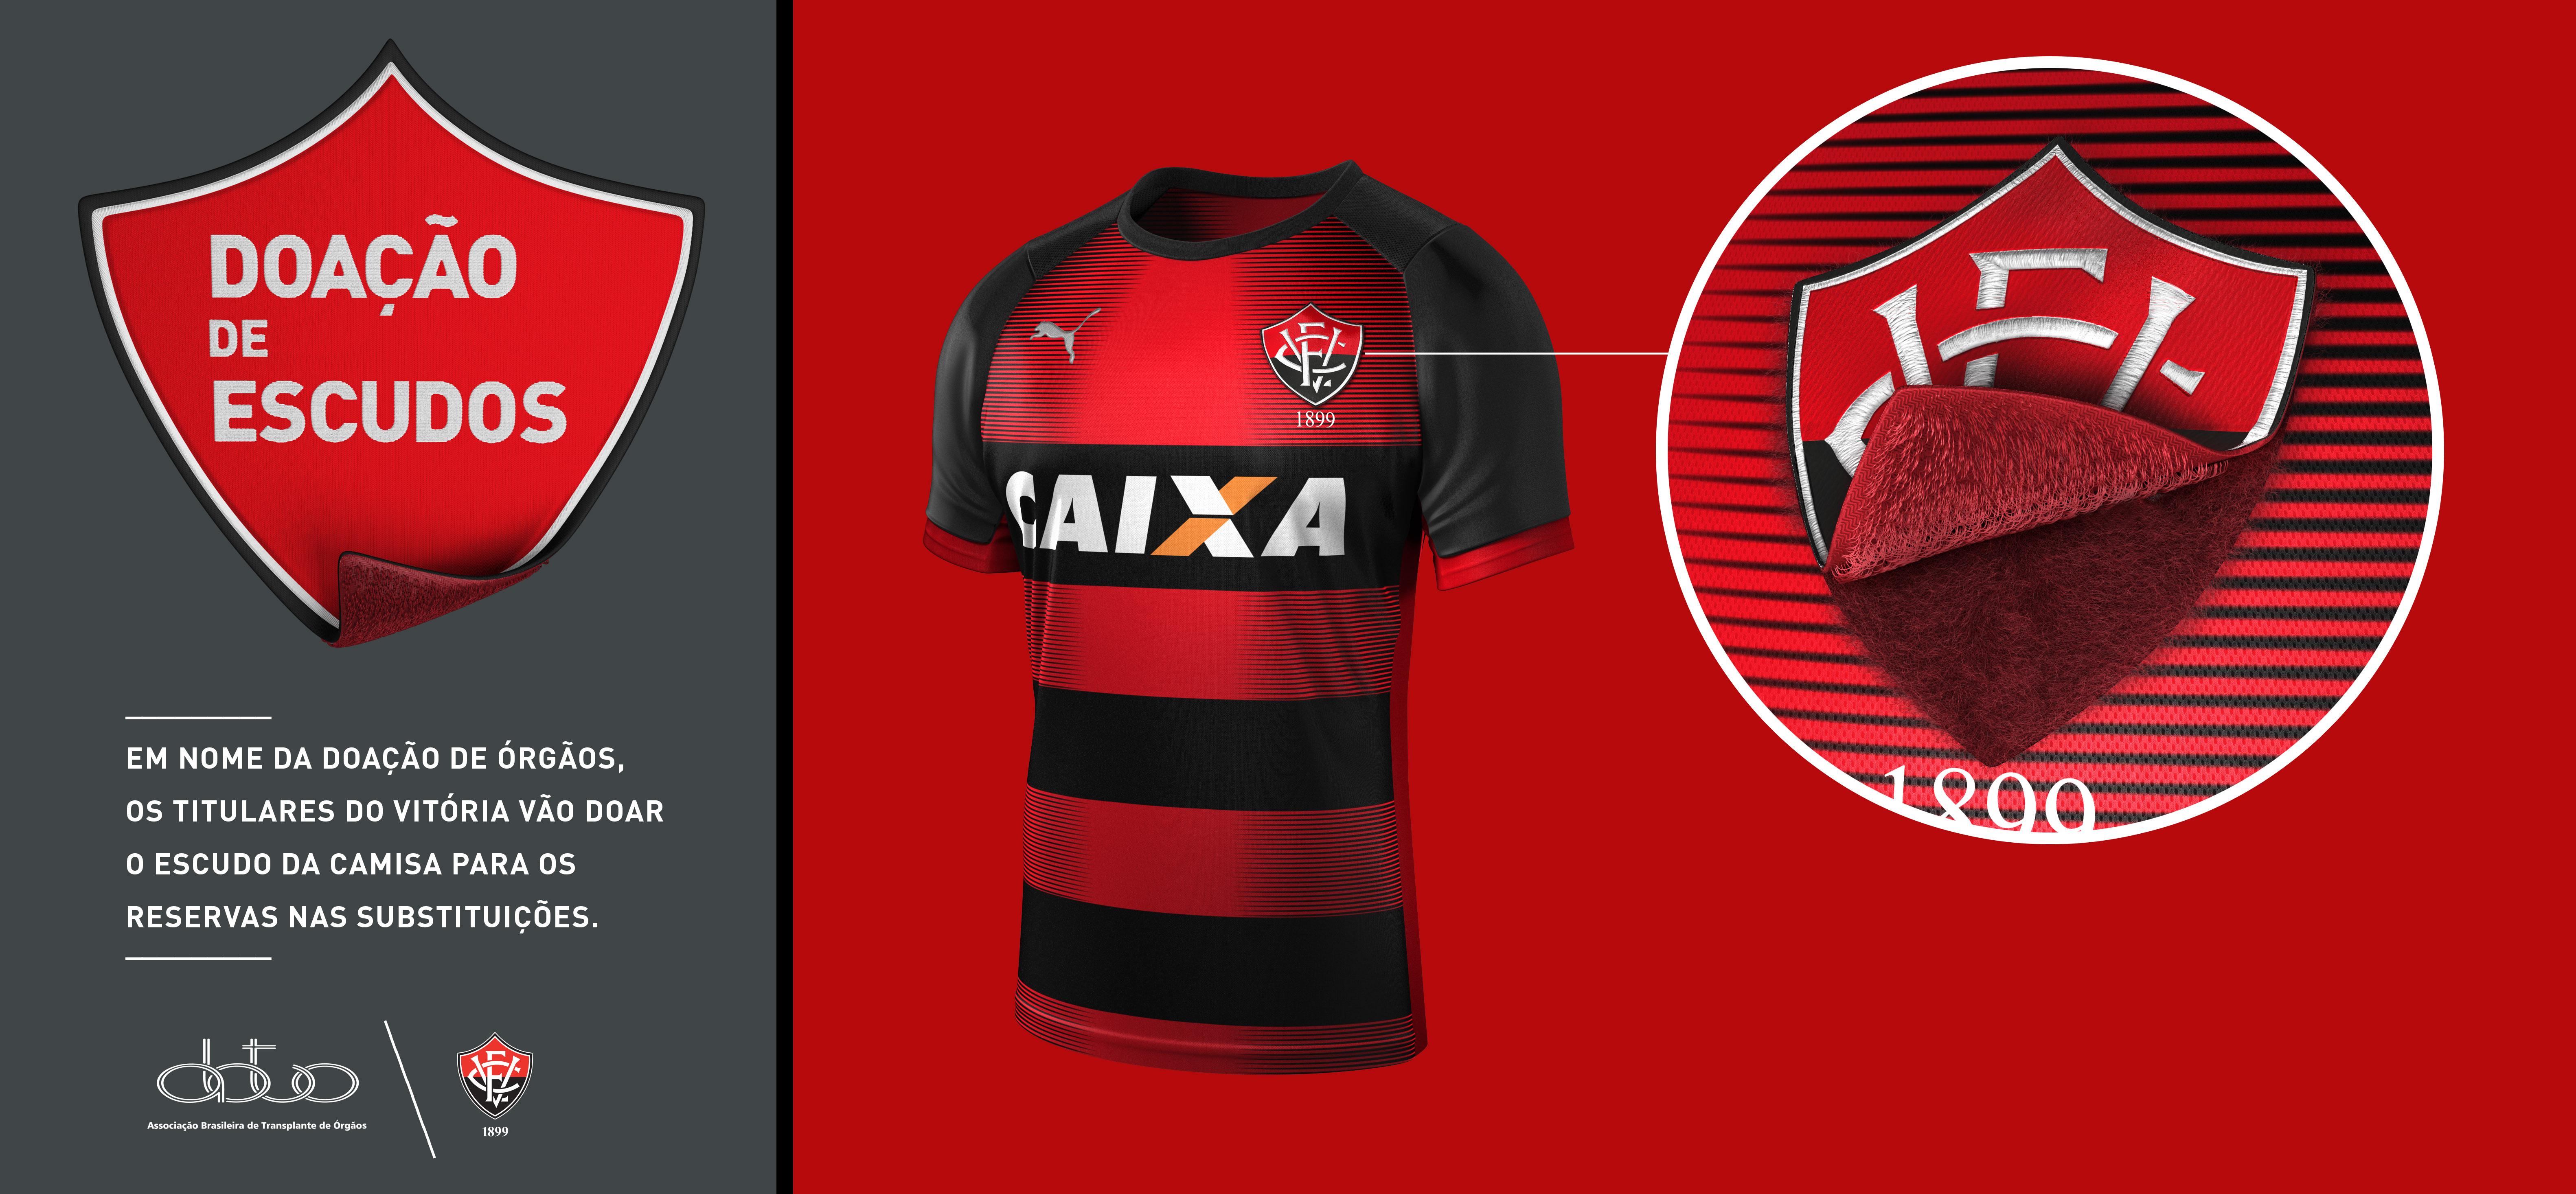 5656379d1021e Jogo do Vitória hoje vai trazer campanha de doação de órgãos – VOX ...